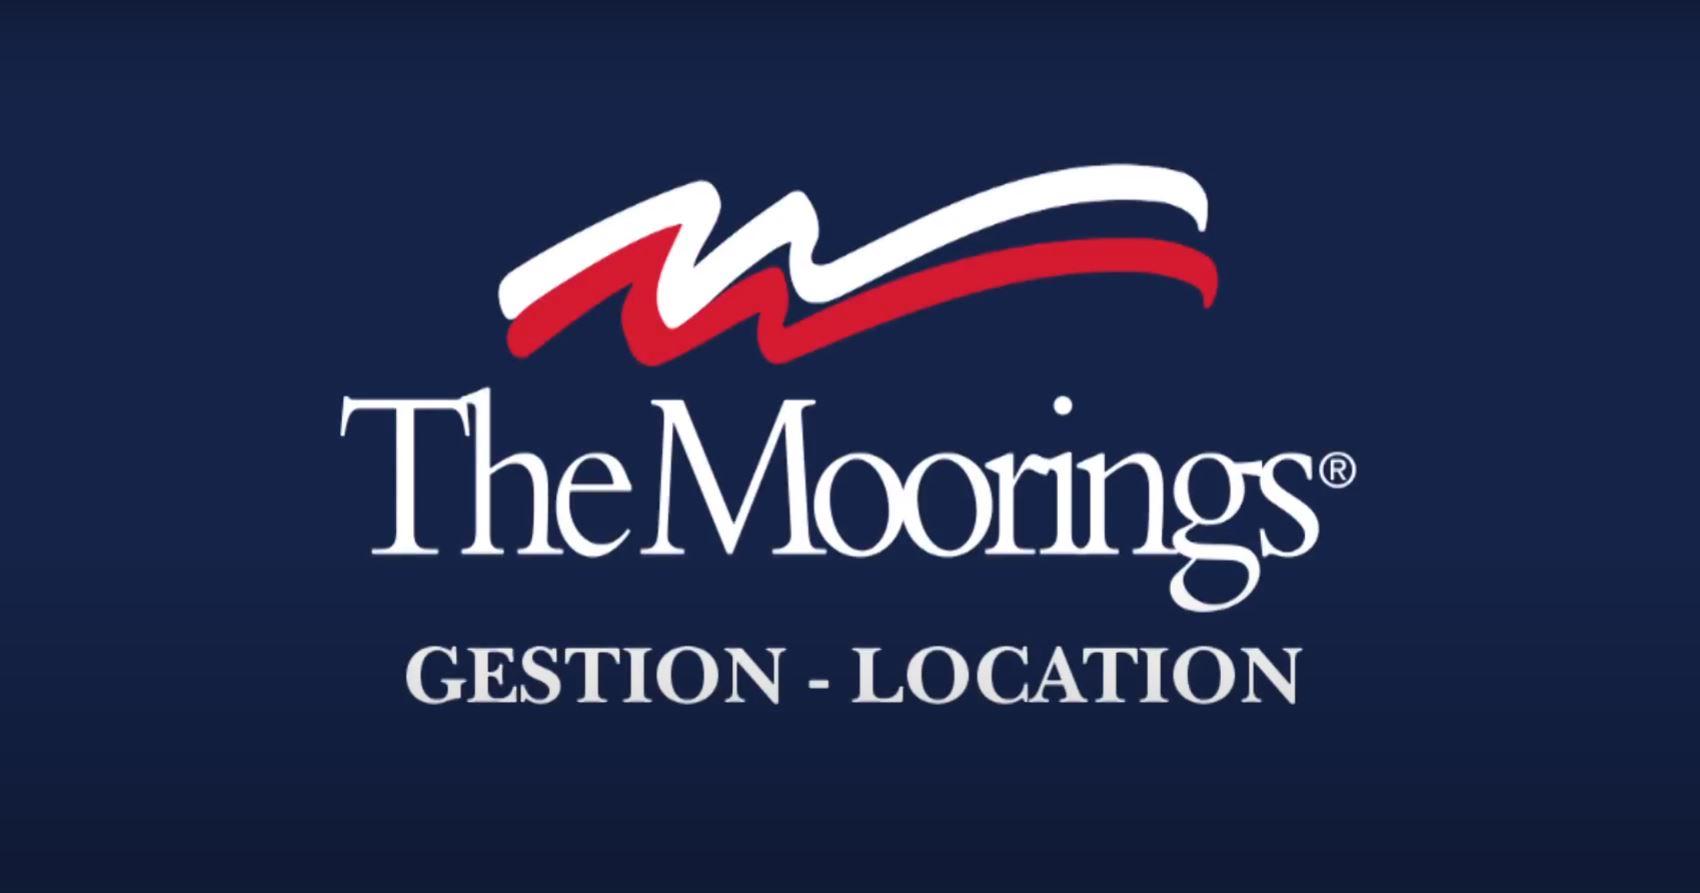 Moorings - Gestion-location